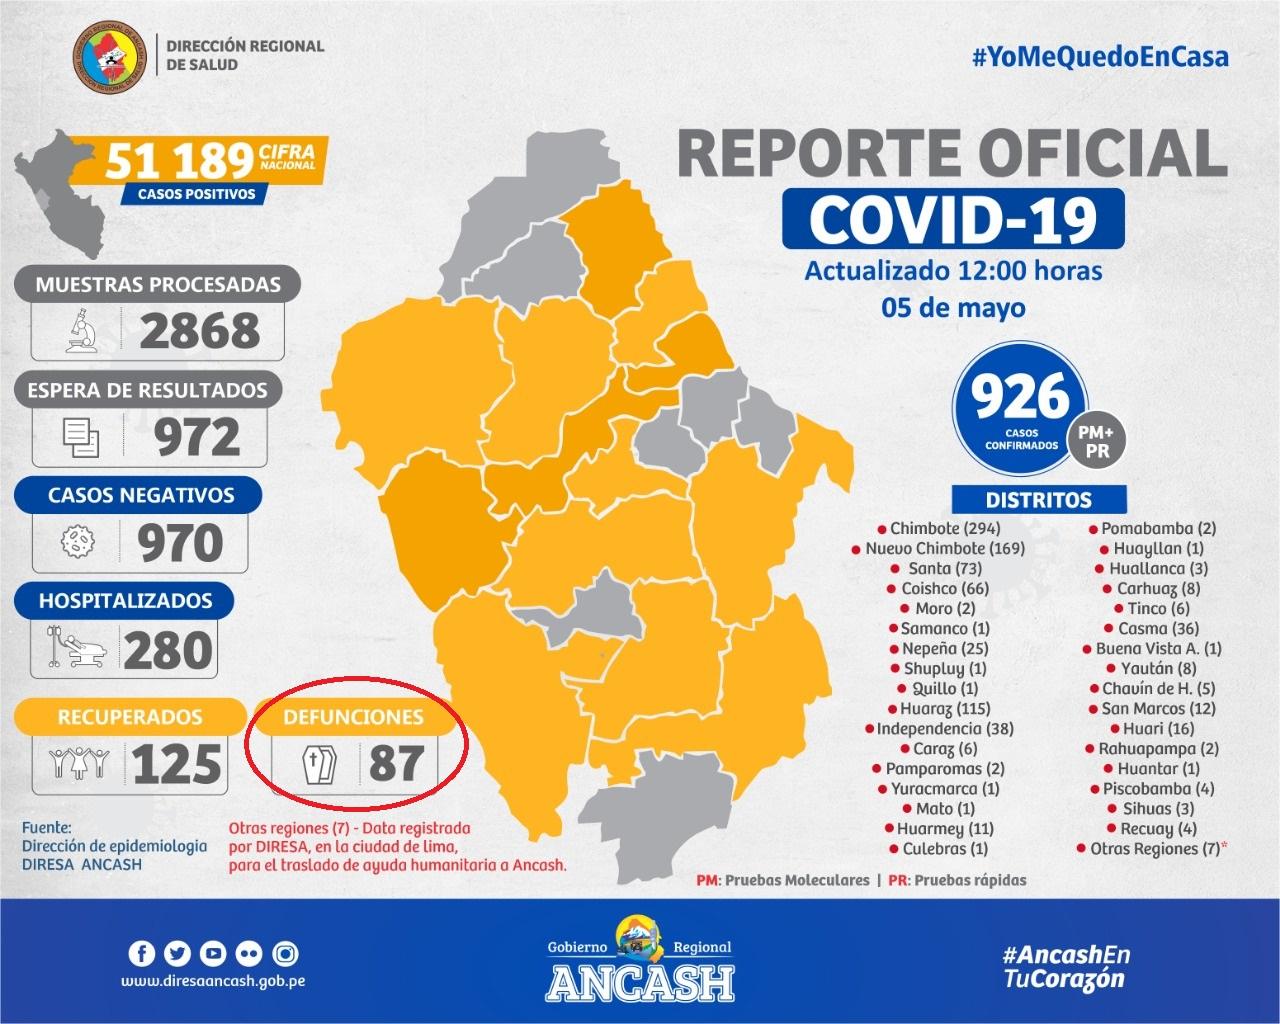 ultimo_reporte_covid_19_diresa_ancash_2